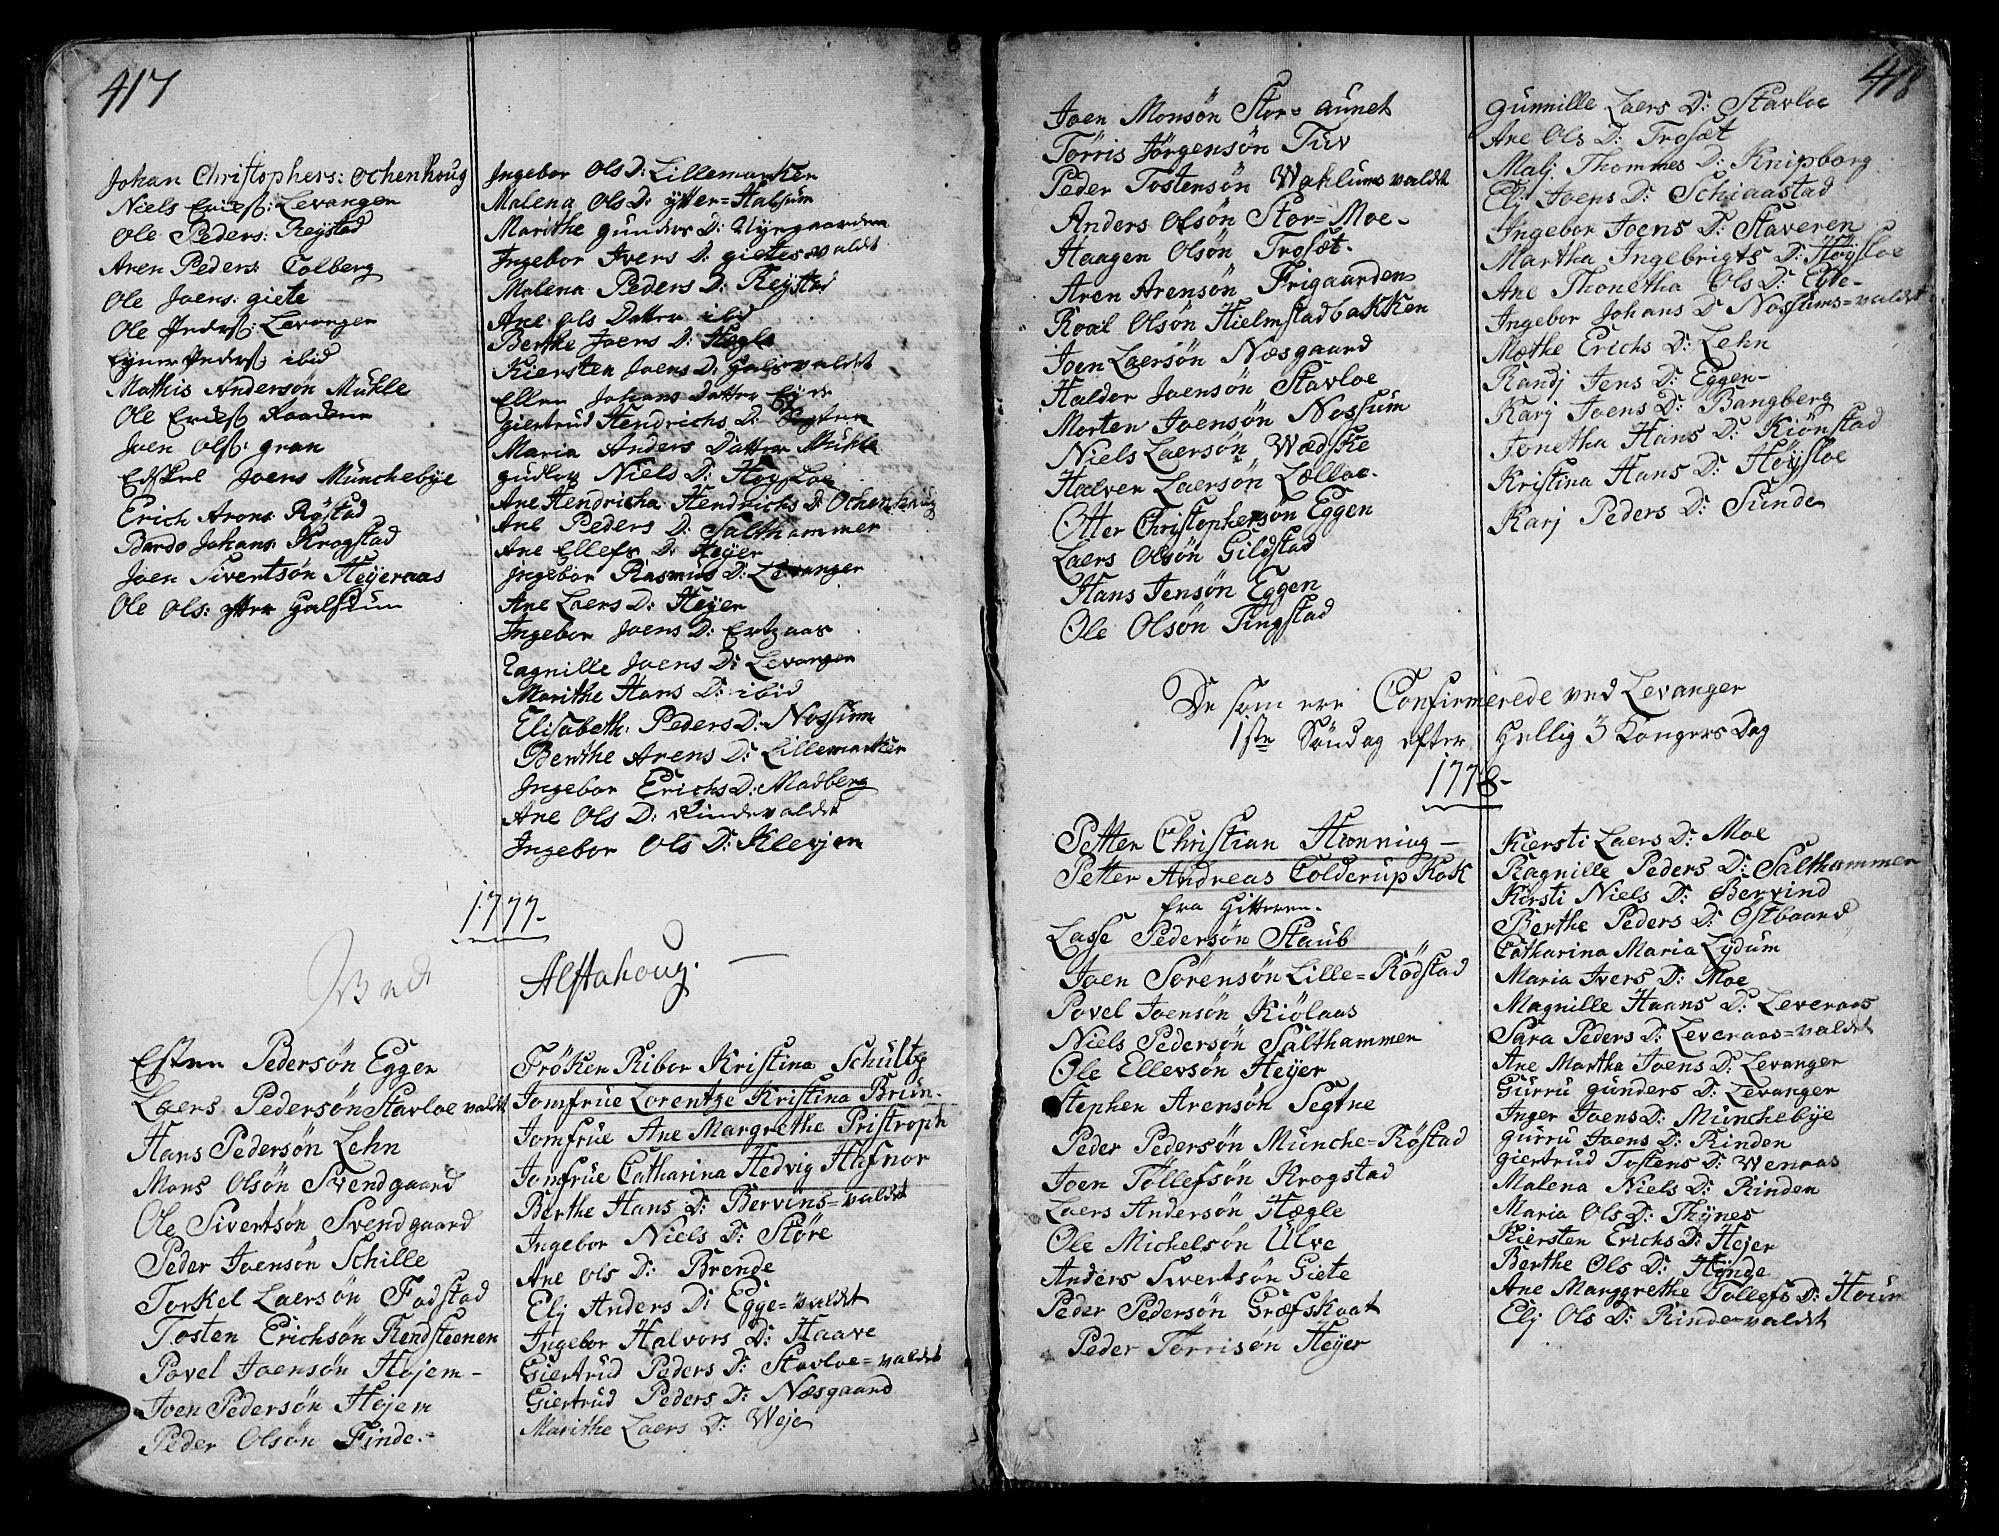 SAT, Ministerialprotokoller, klokkerbøker og fødselsregistre - Nord-Trøndelag, 717/L0141: Ministerialbok nr. 717A01, 1747-1803, s. 417-418